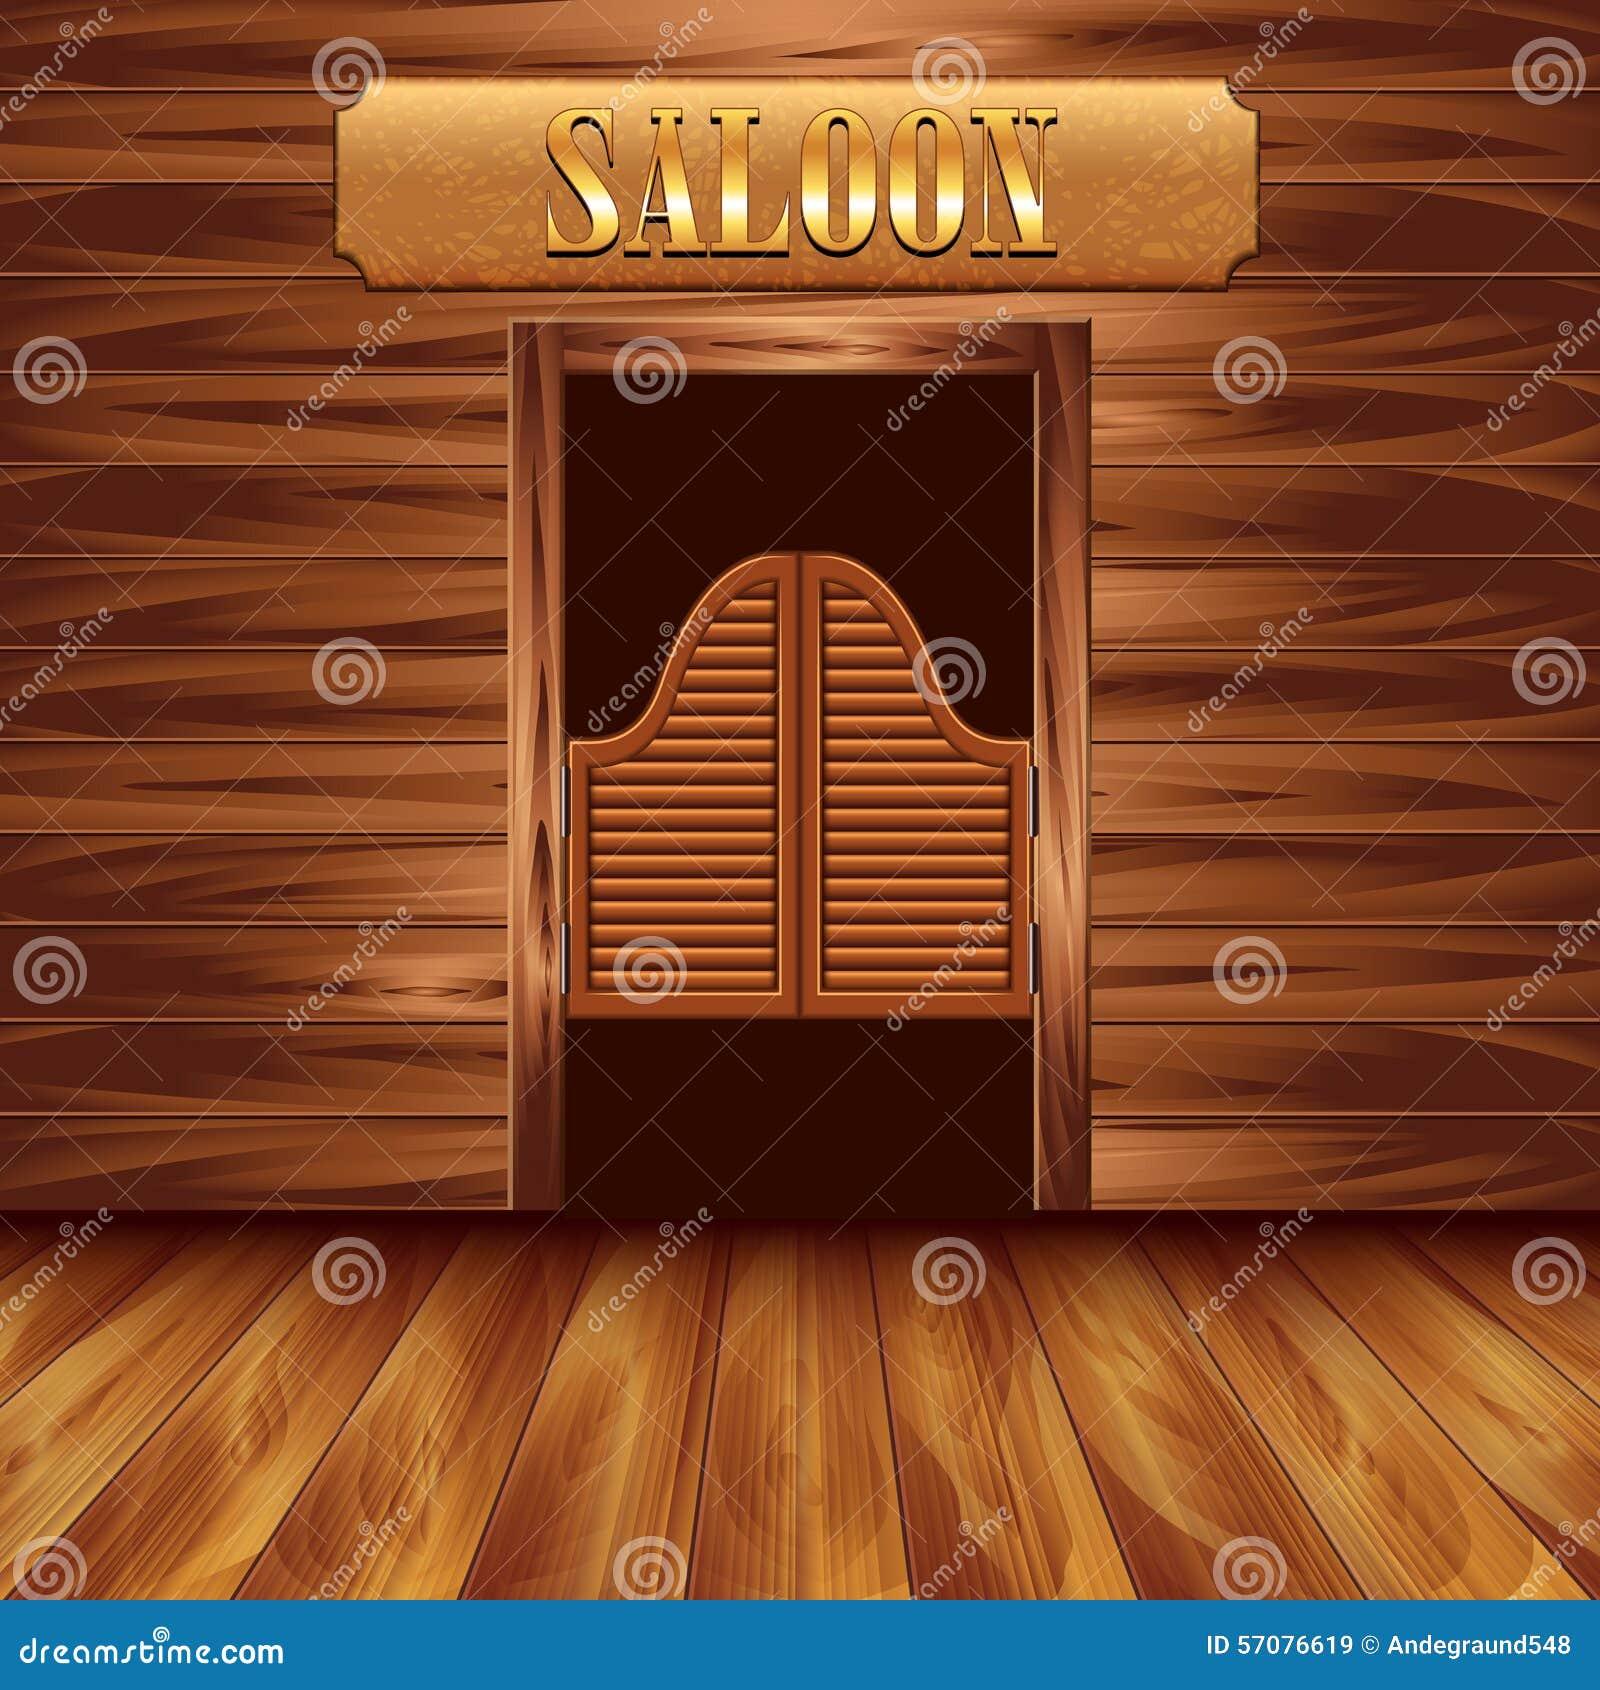 Swinging Doors Of Saloon Western Background Stock Vector